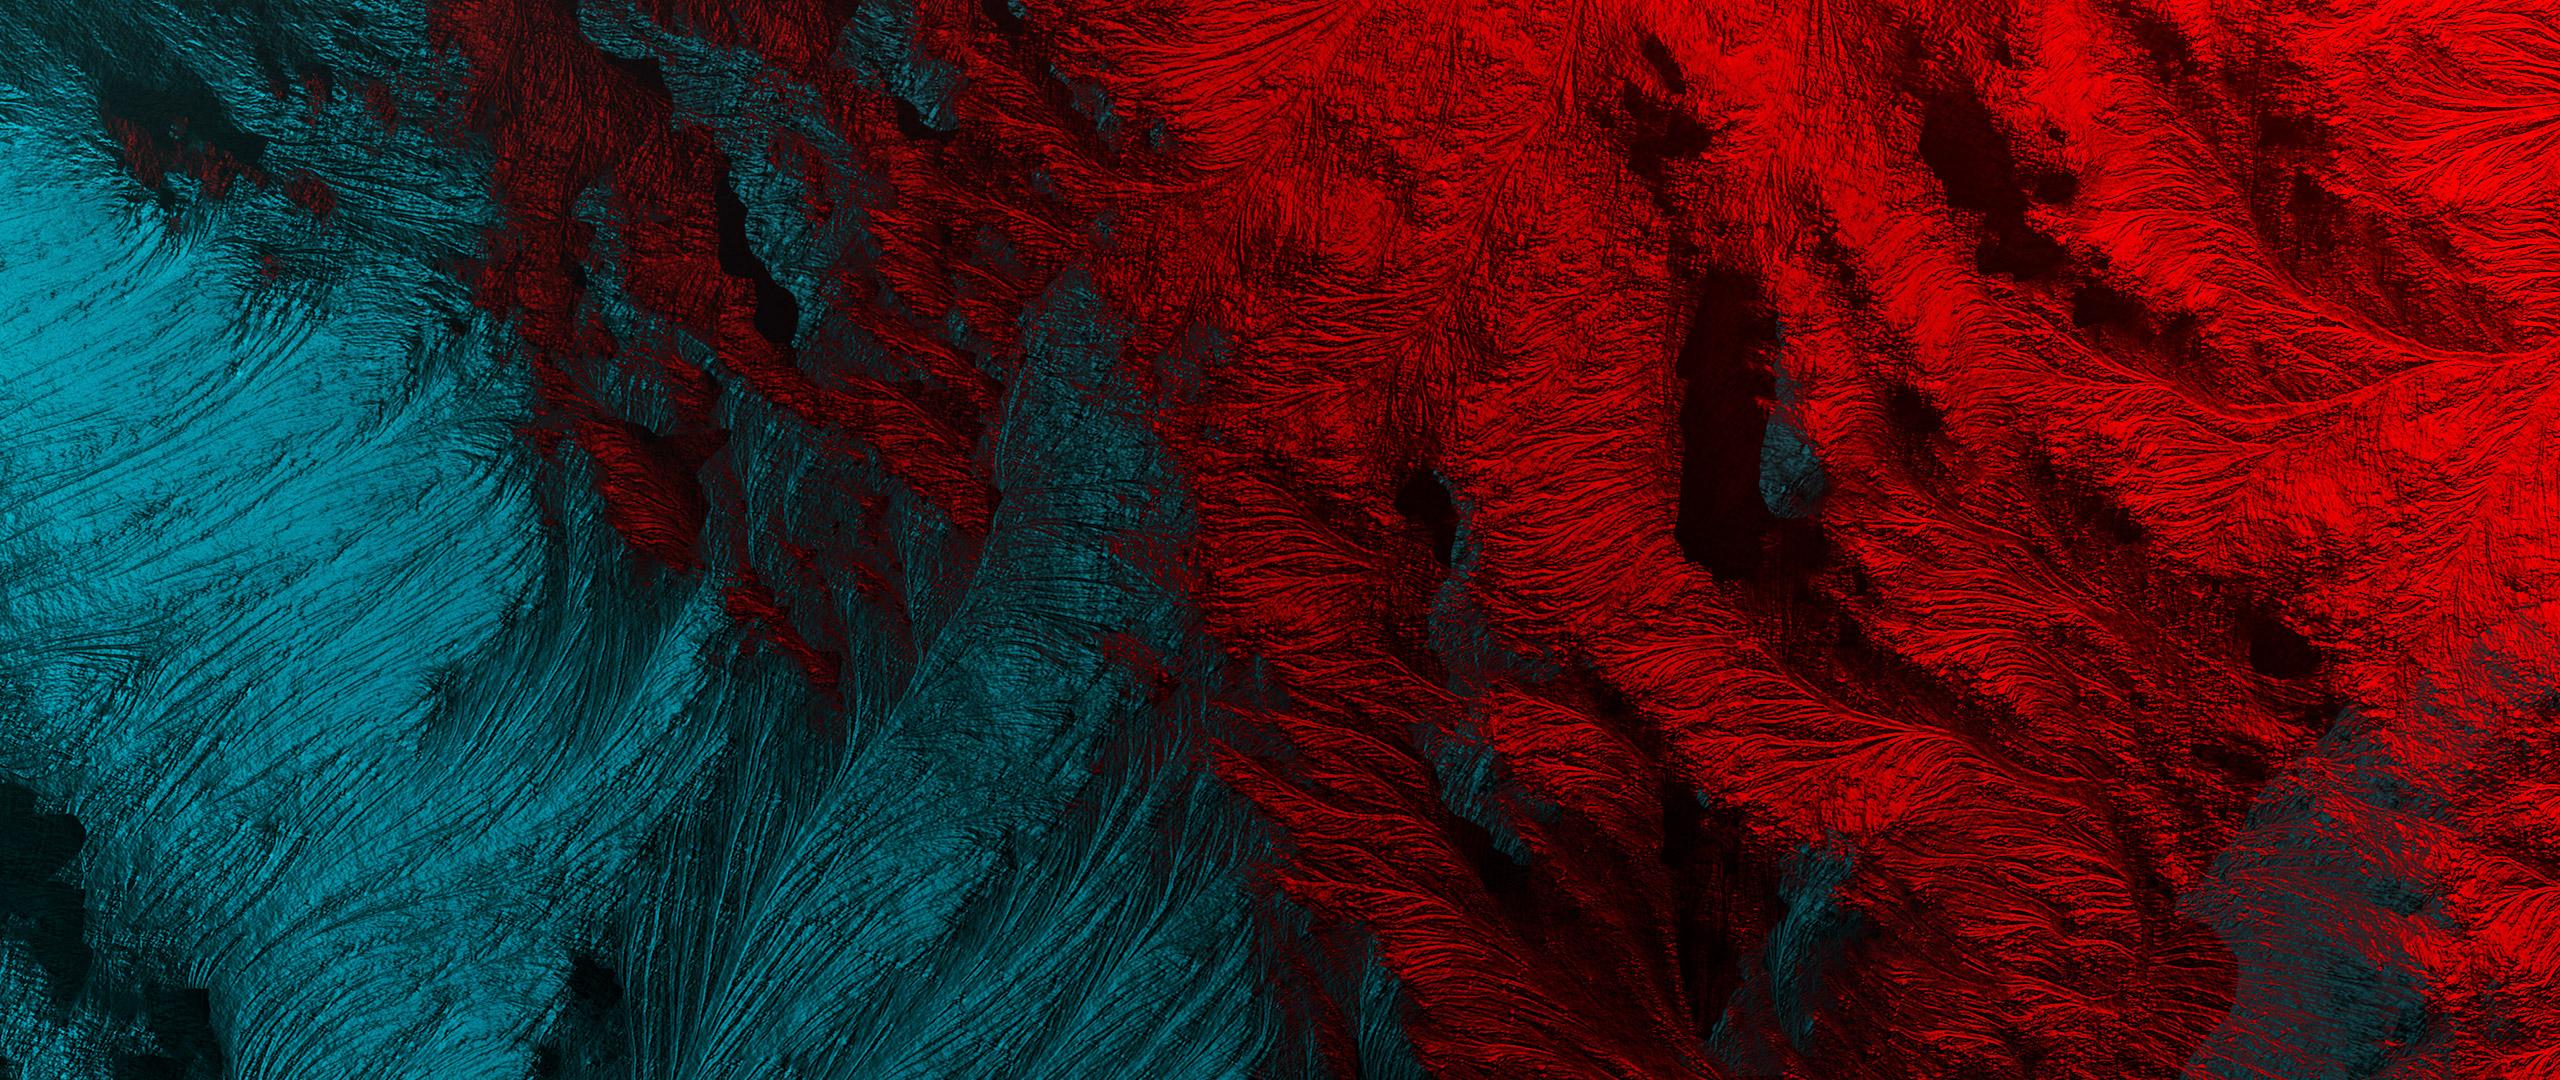 arcteryx_abstract_005